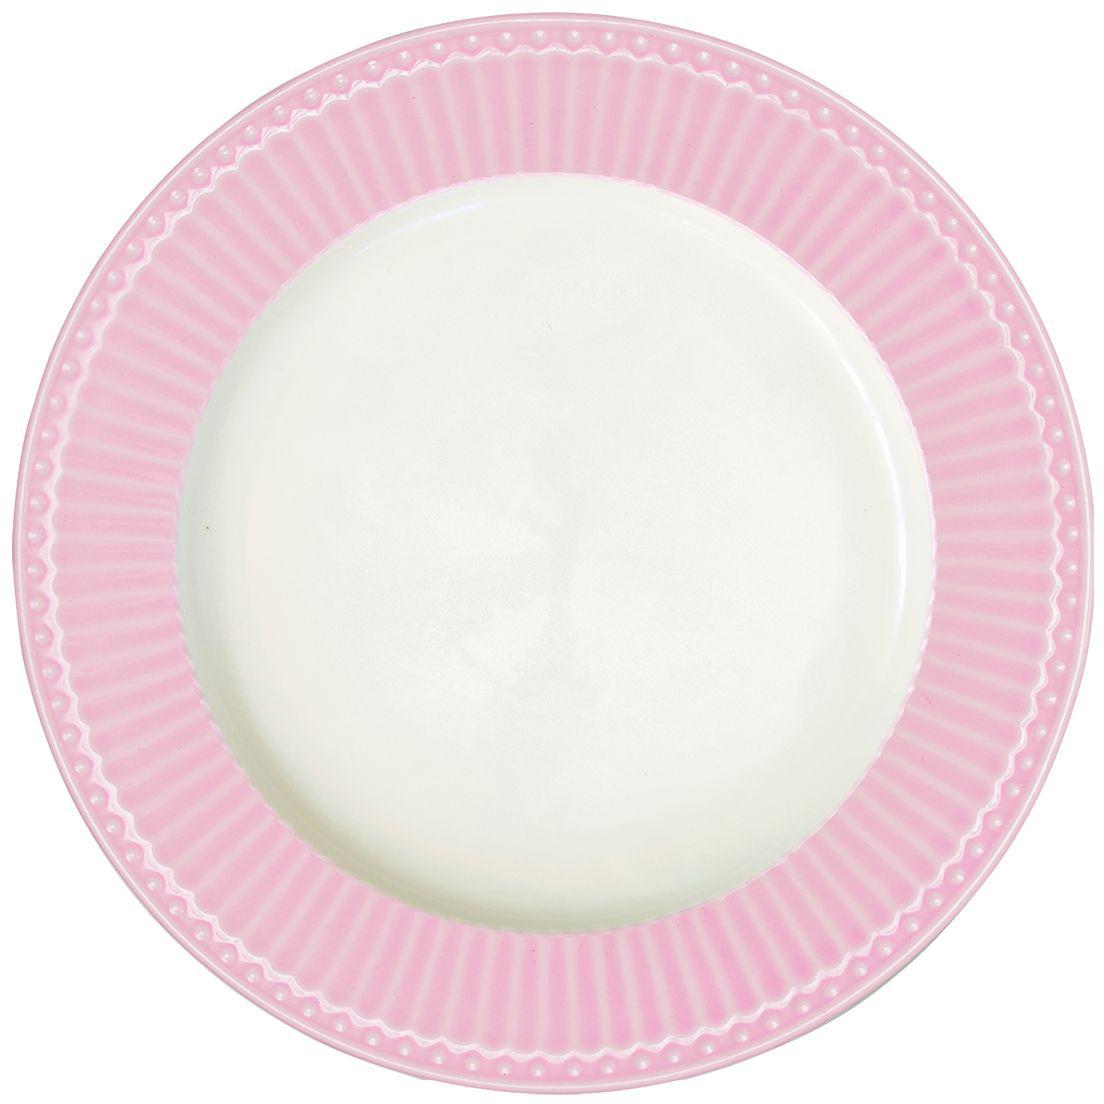 Тарелка Alice, цвет: розовый, диаметр 27 смSTWdinali1906Блюдо Alice dark blue, выполненное из высококачественного фарфора, может исполнять роль сервировочной тарелки, а также использоваться самостоятельно – как блюдо для овощей, фруктов, различных нарезок.